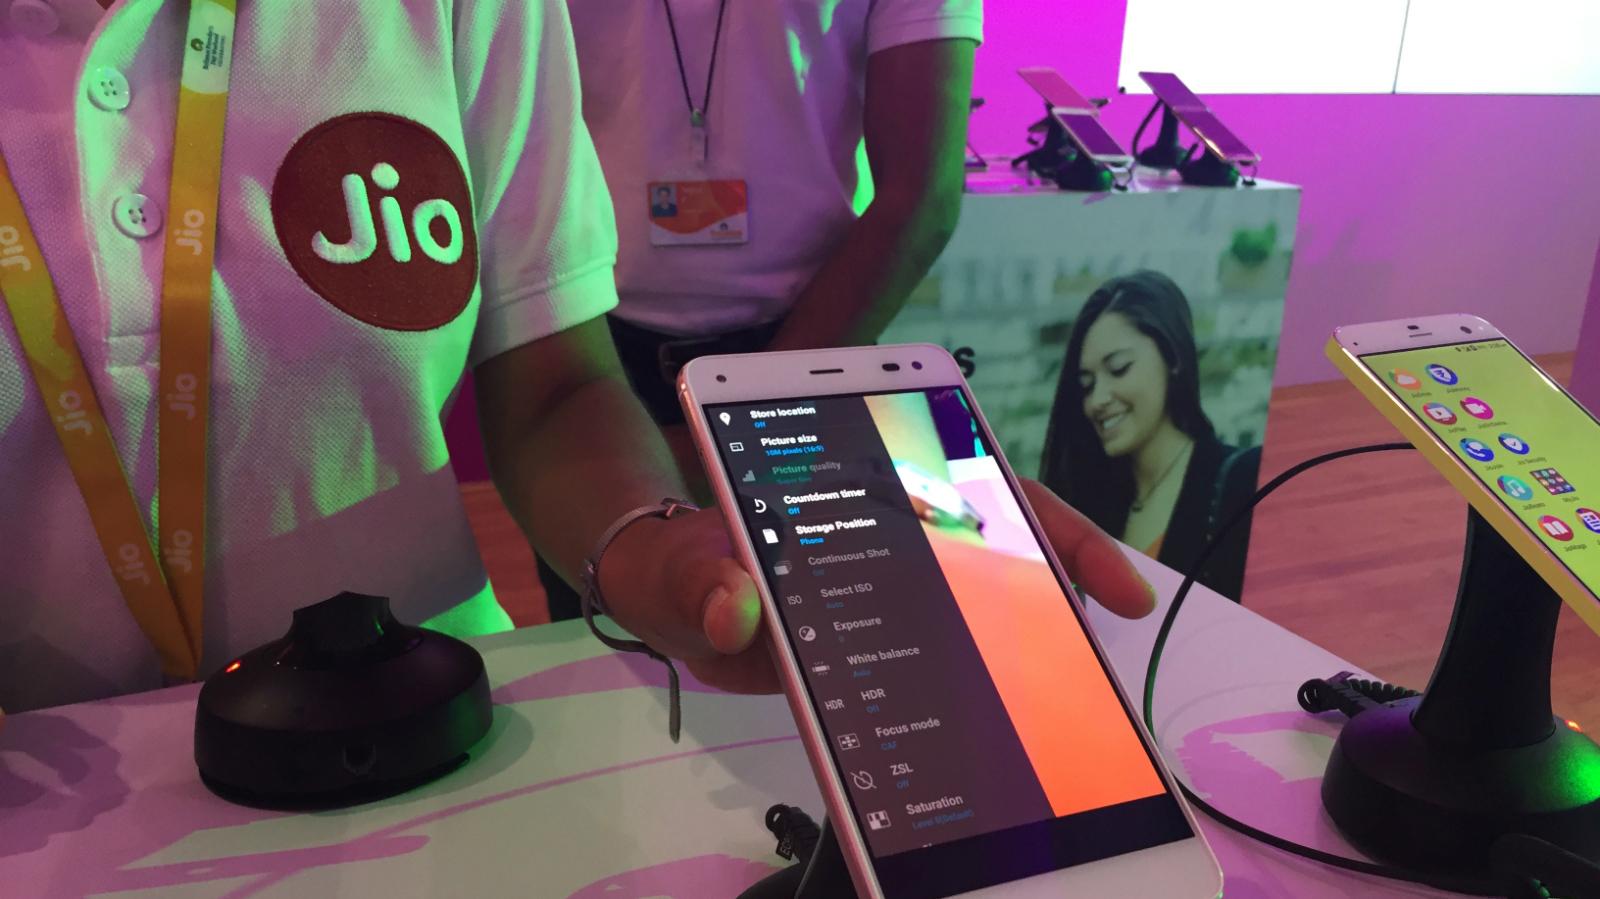 Jia-Reliance-Airtel-Idea-Mukesh Ambani-4G-Telecom-3G